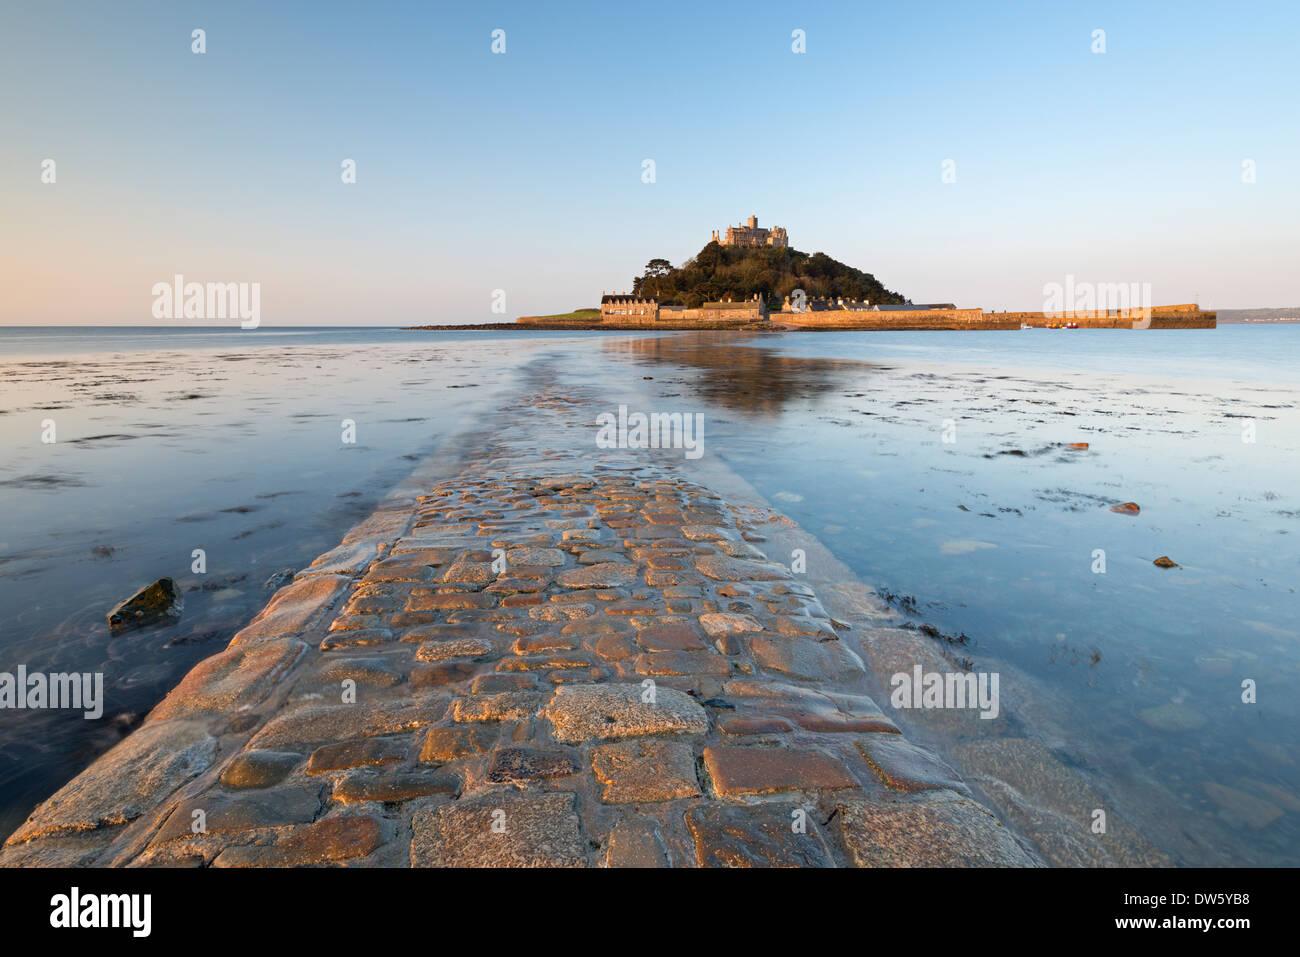 Il selciato in pietra che portano a St Michaels Mount in inizio di mattina di sole, Marazion, Cornwall, Inghilterra. Molla (maggio) 2013. Immagini Stock